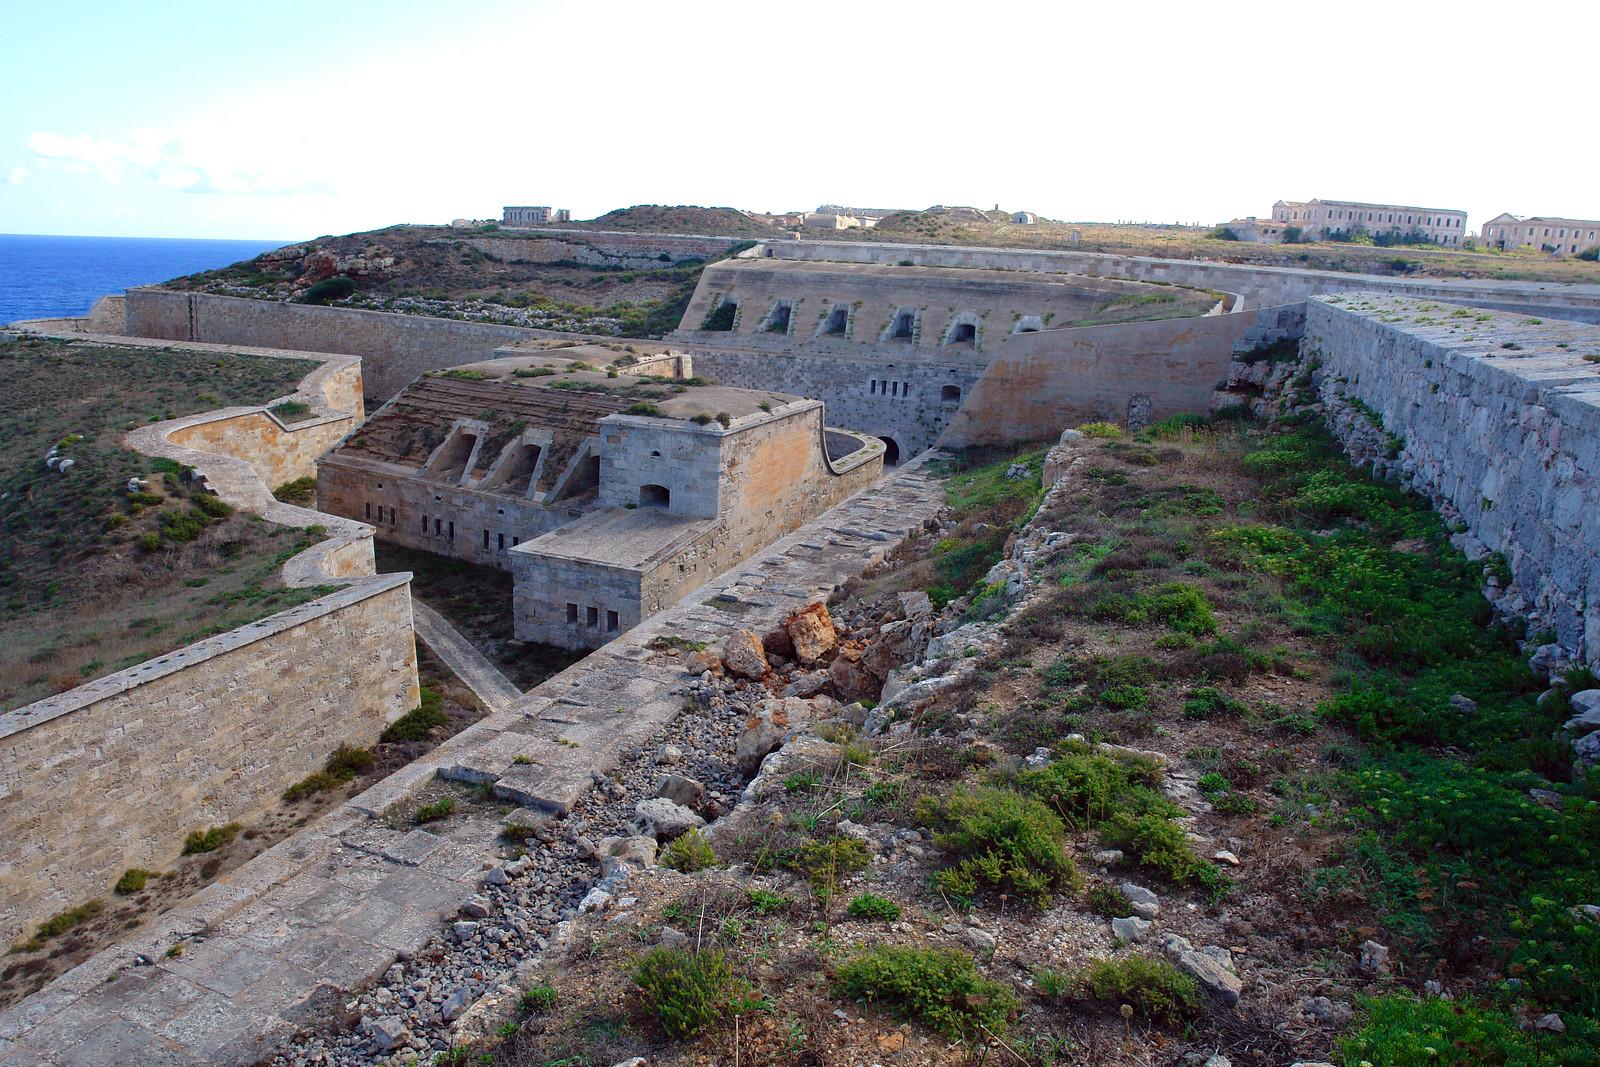 Qué ver en Menorca, Islas Baleares - thewotme qué ver en menorca - 50047057607 efca2ecc6e h - Qué ver en Menorca, lugares a NO perderse